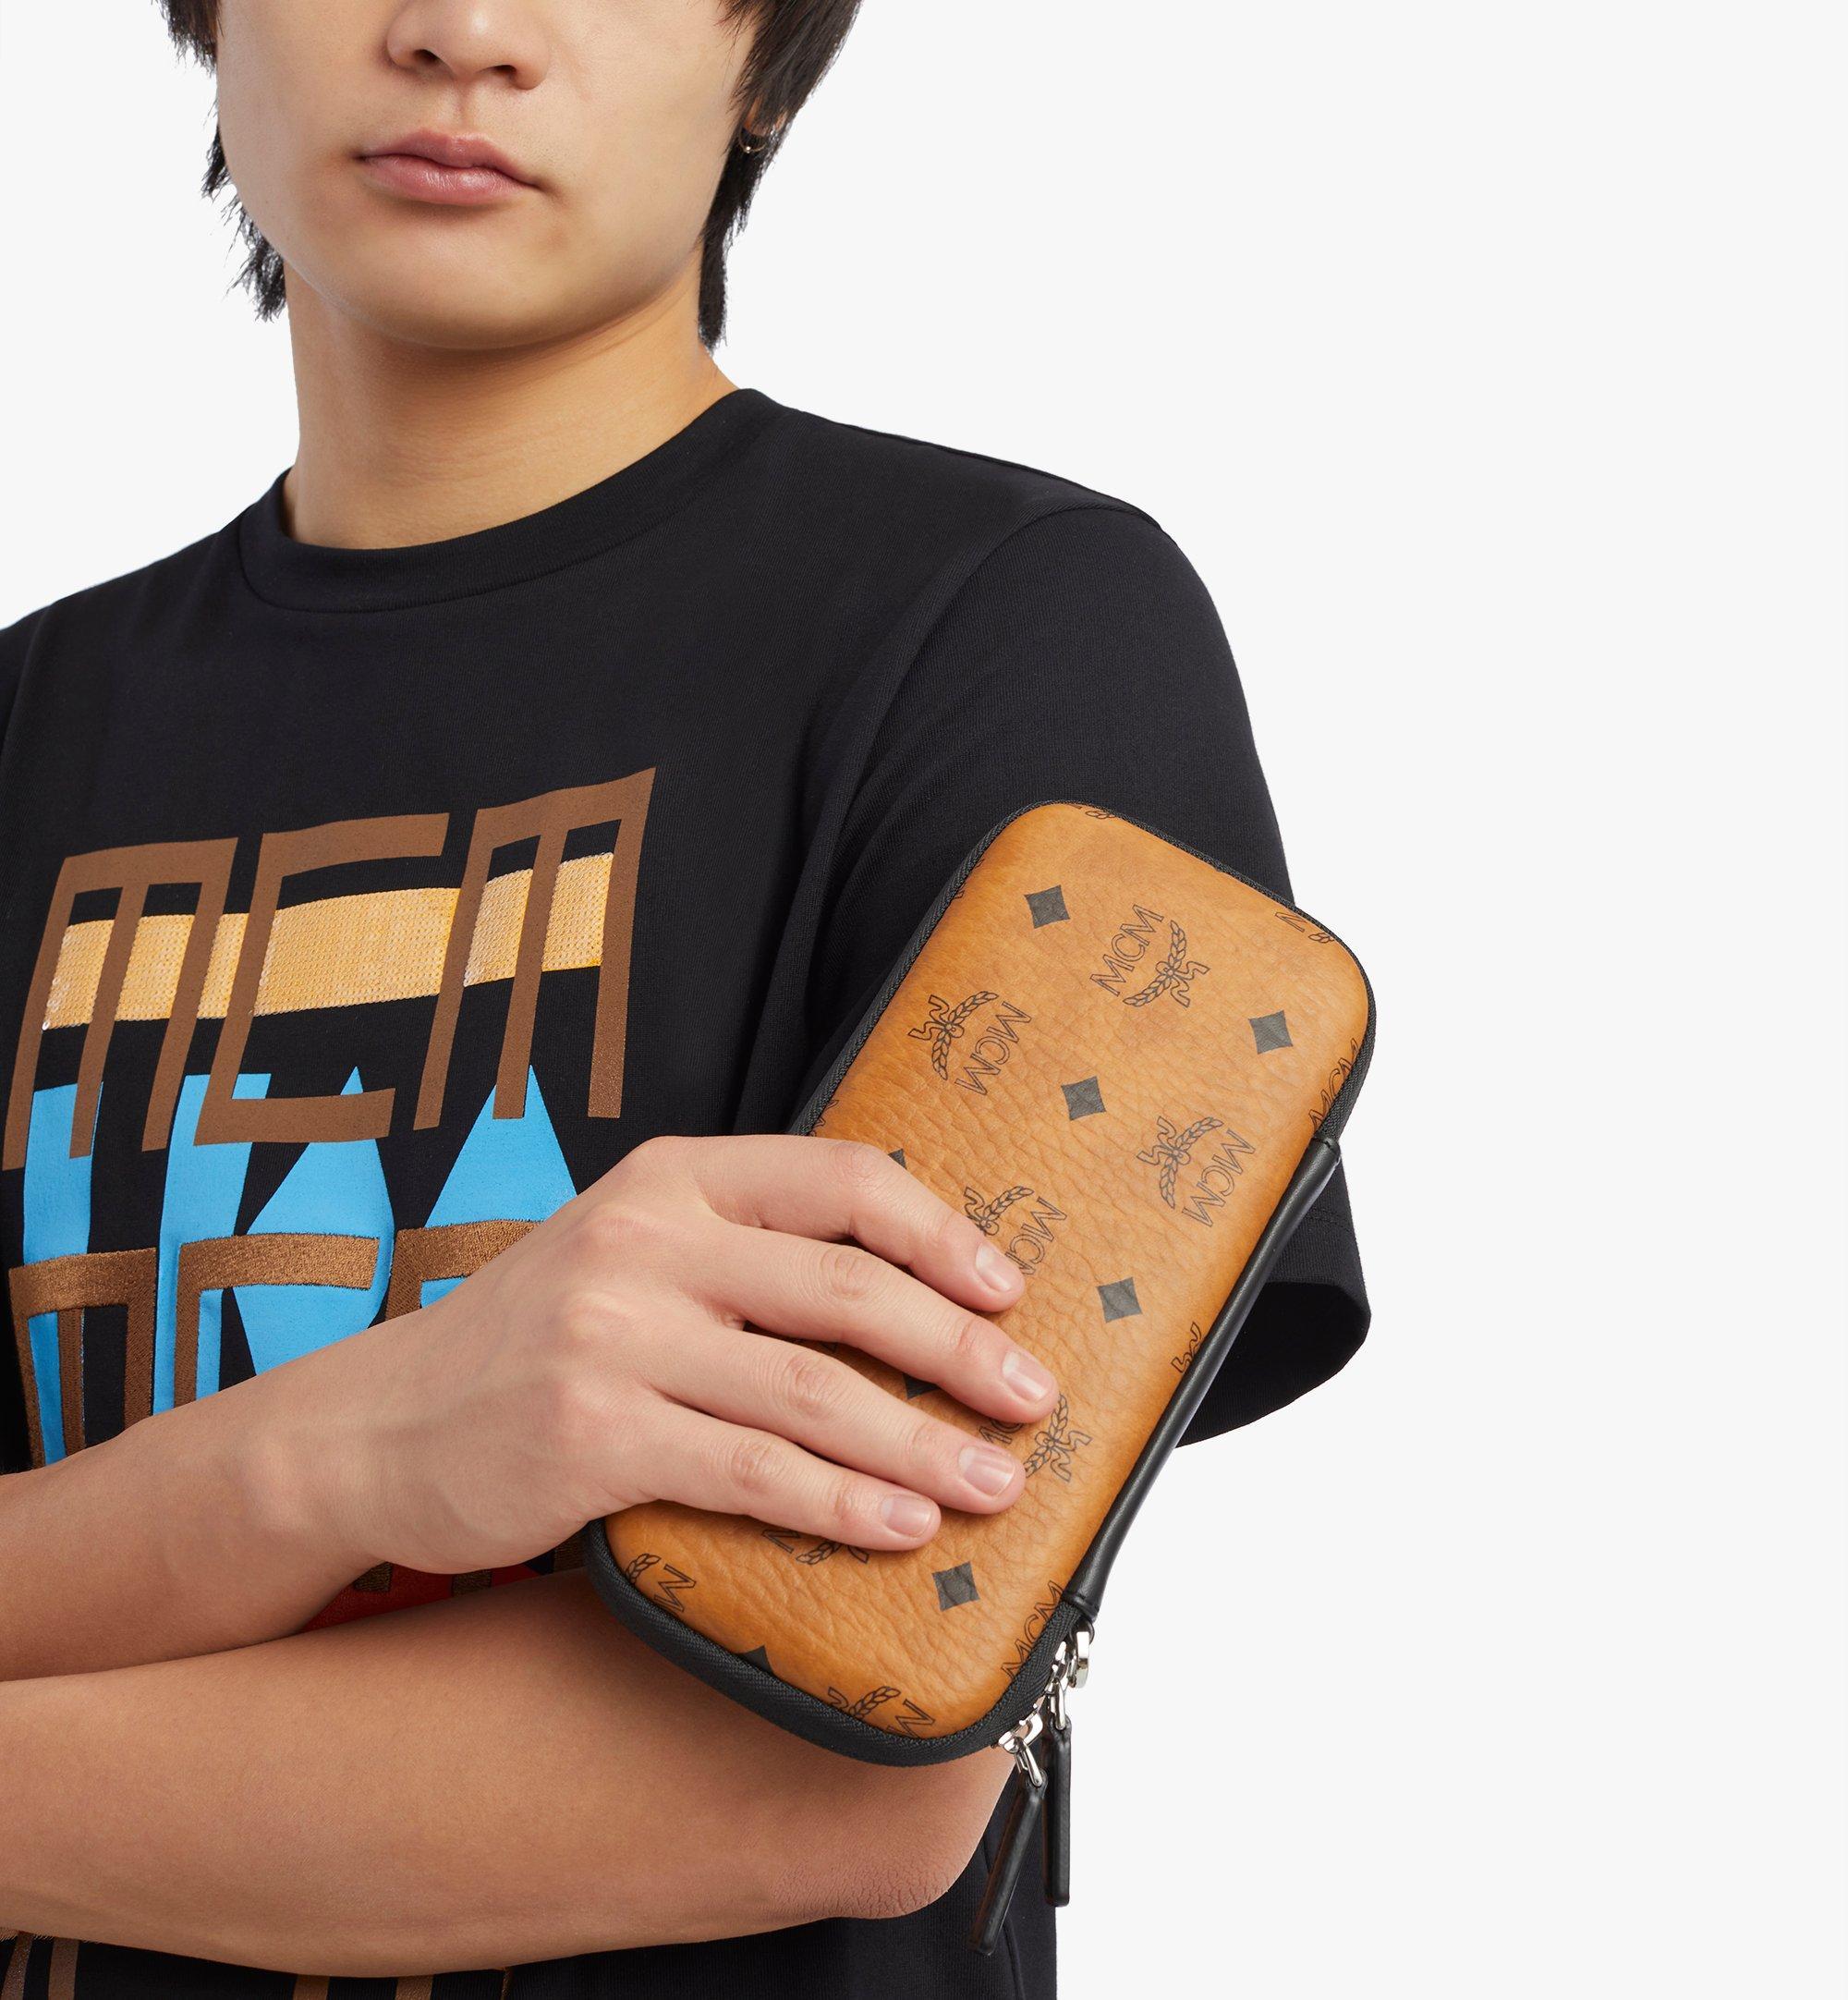 MCM Etui für Spielkonsole mit Handgelenksband Cognac MXZBSVI16CO001 Noch mehr sehen 2